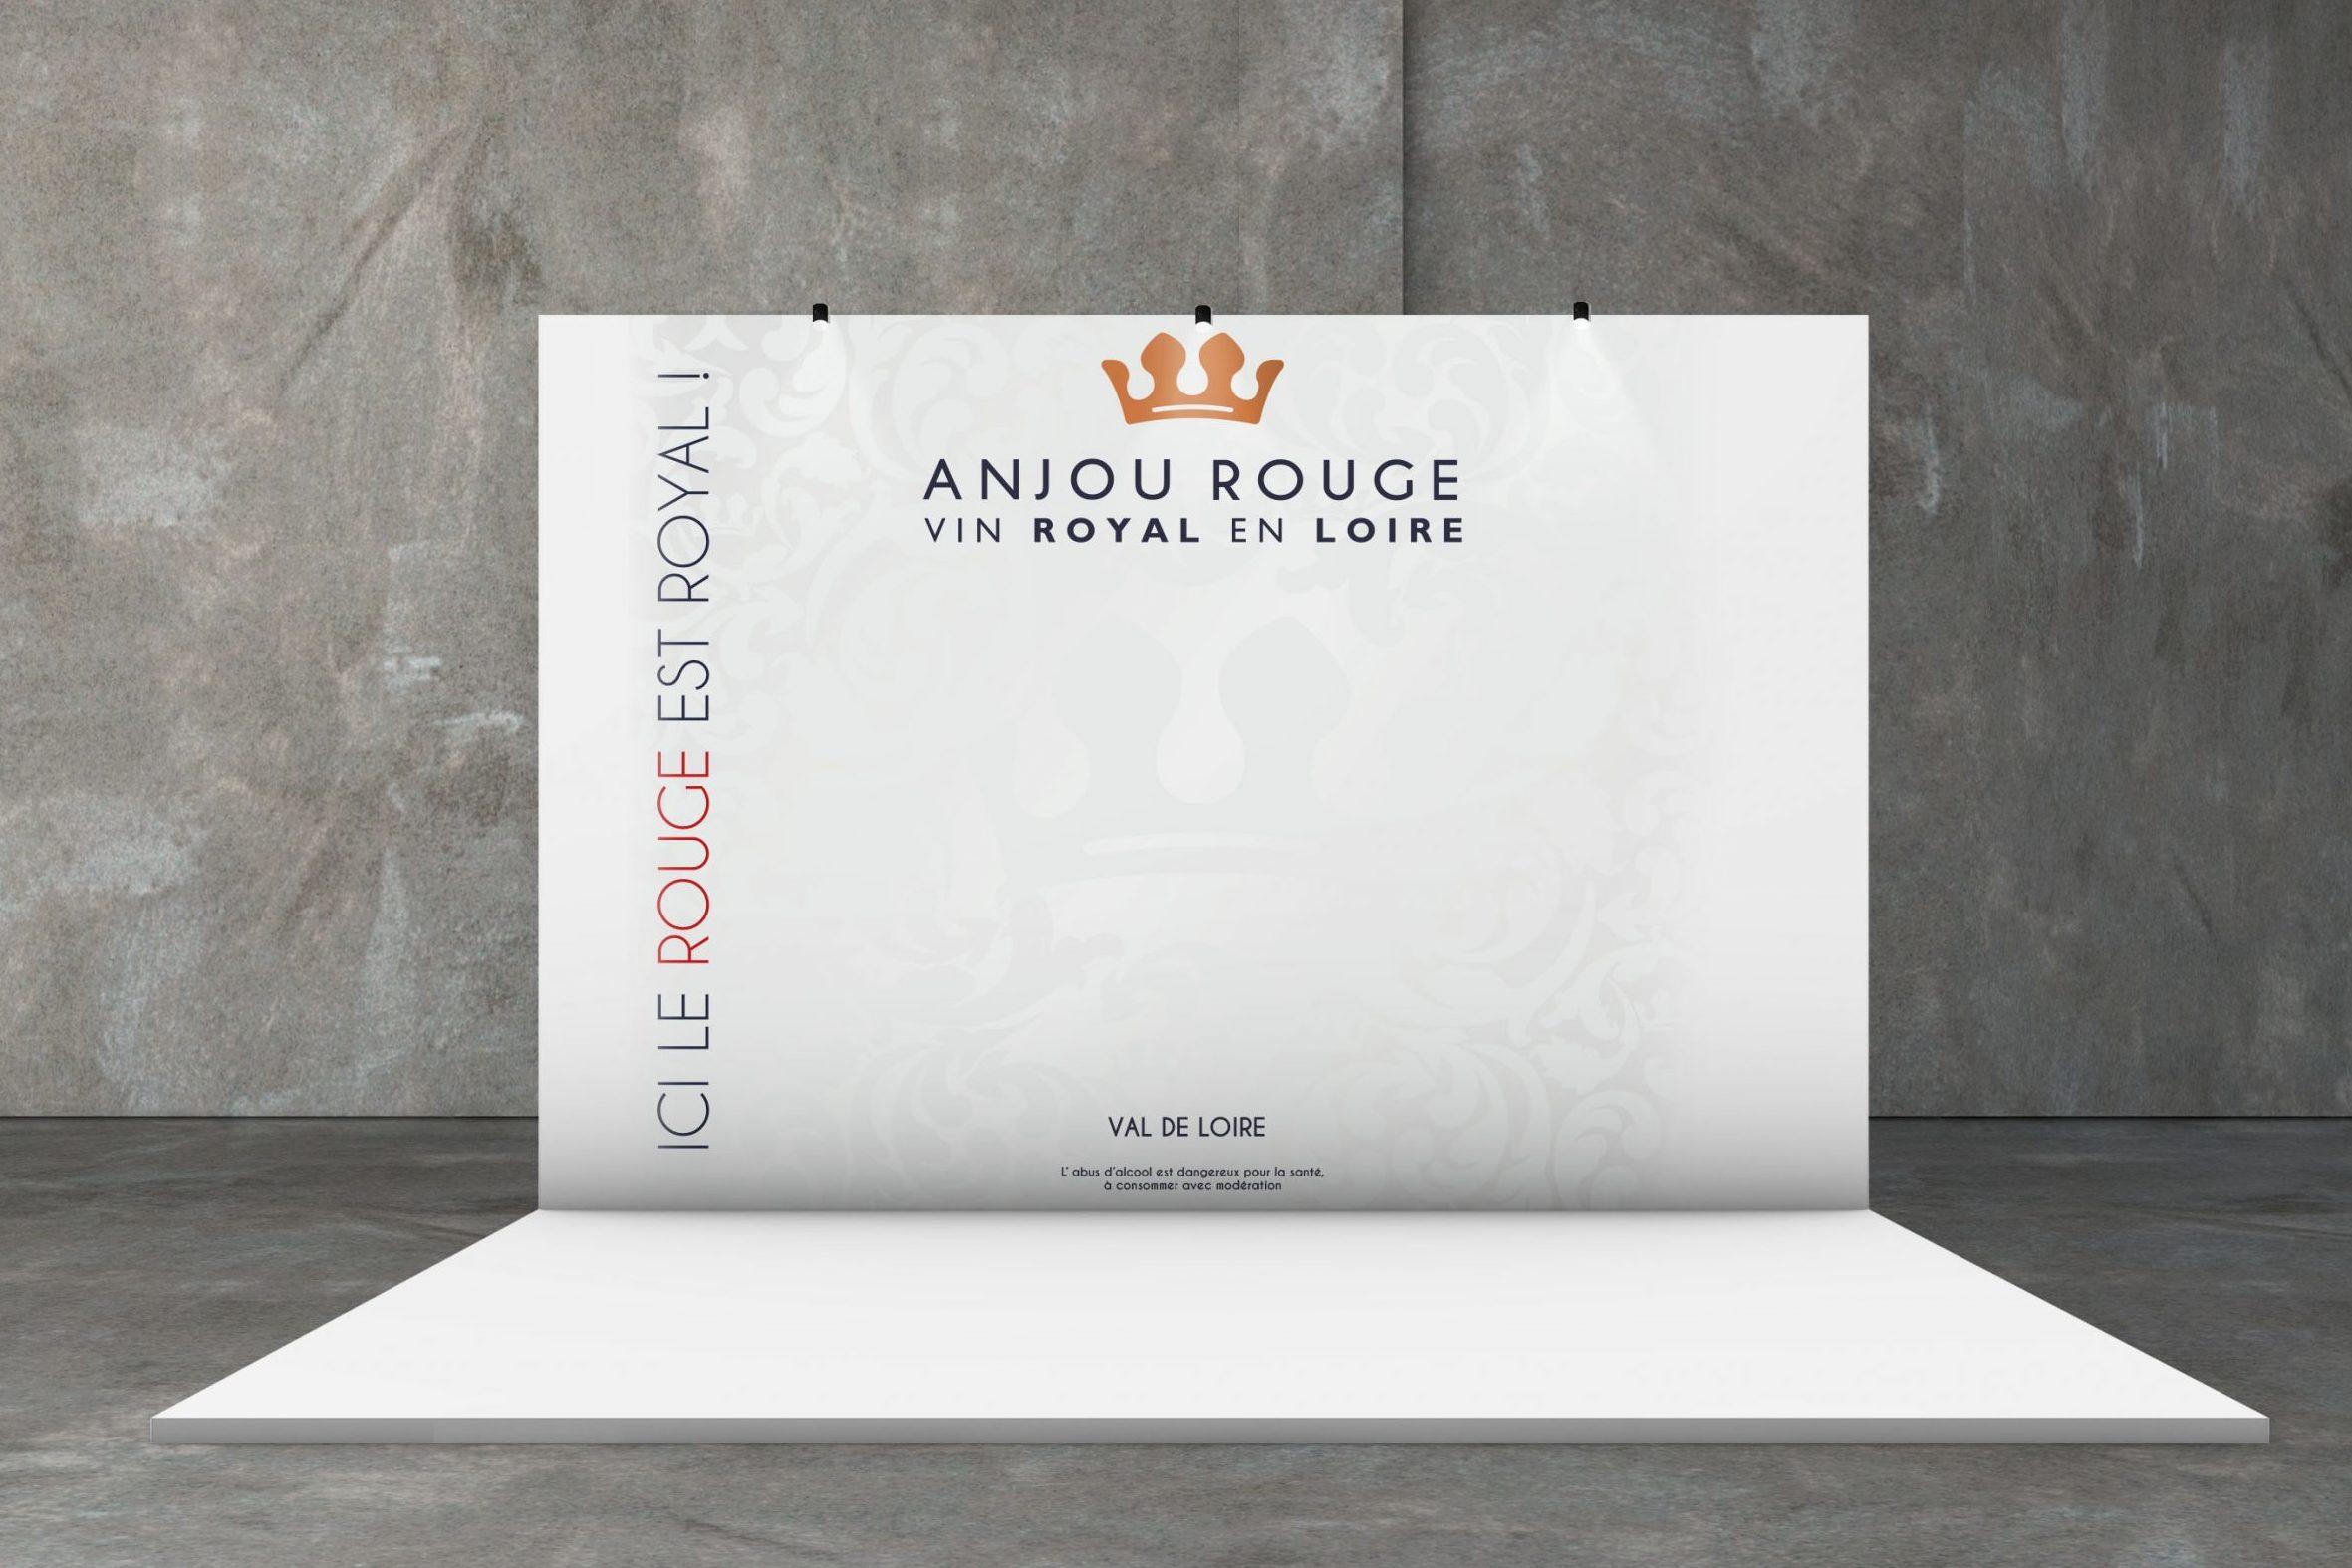 phocall-Anjou-Rouge-Agence-echo